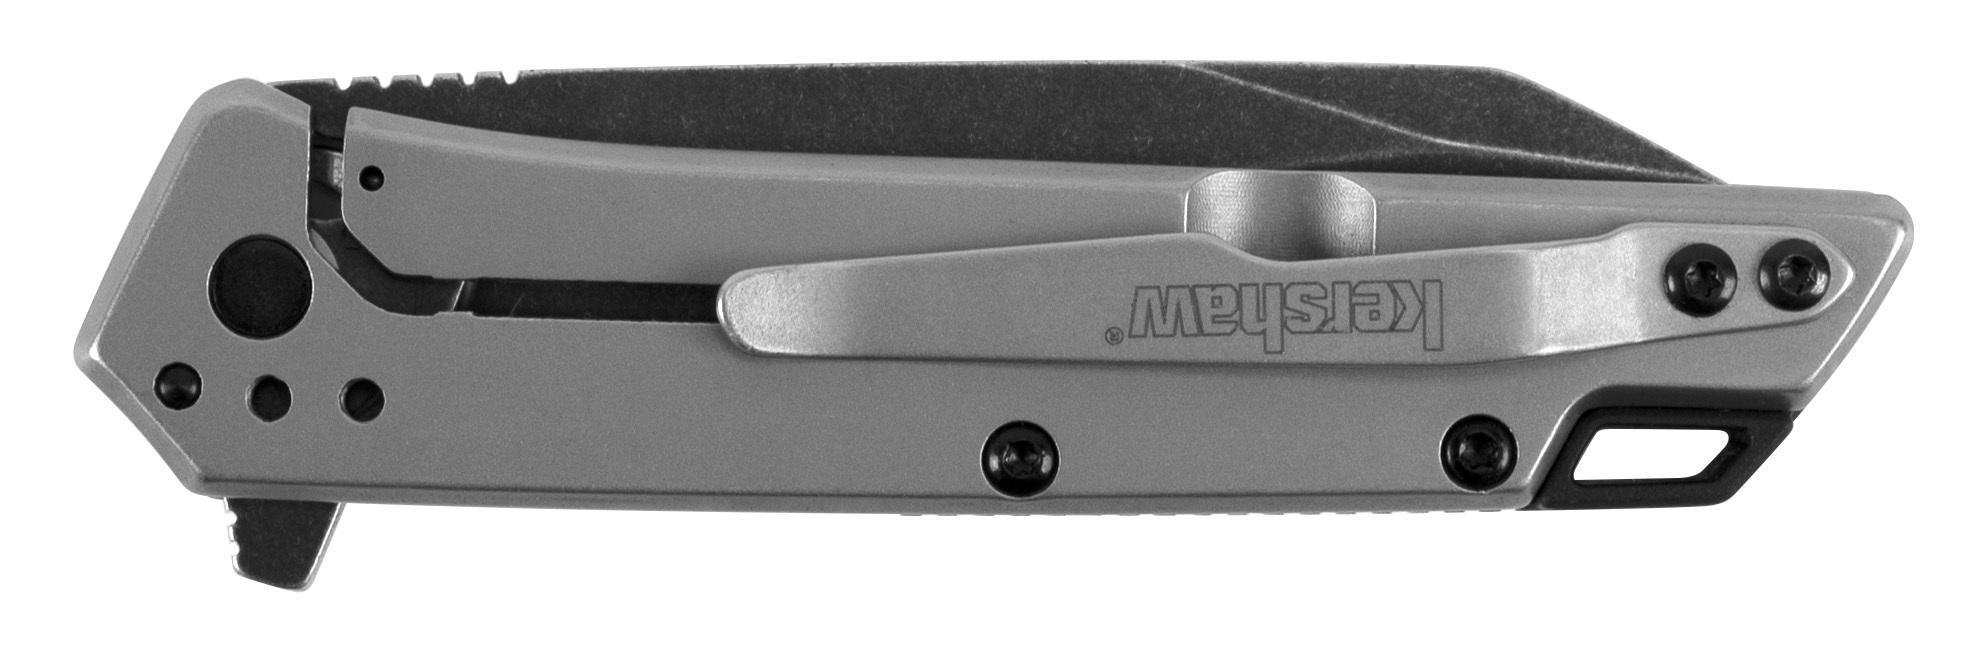 Фото 2 - Складной нож Misdirect KERSHAW 1365, лезвие сталь 4Cr13, рукоять сталь 410